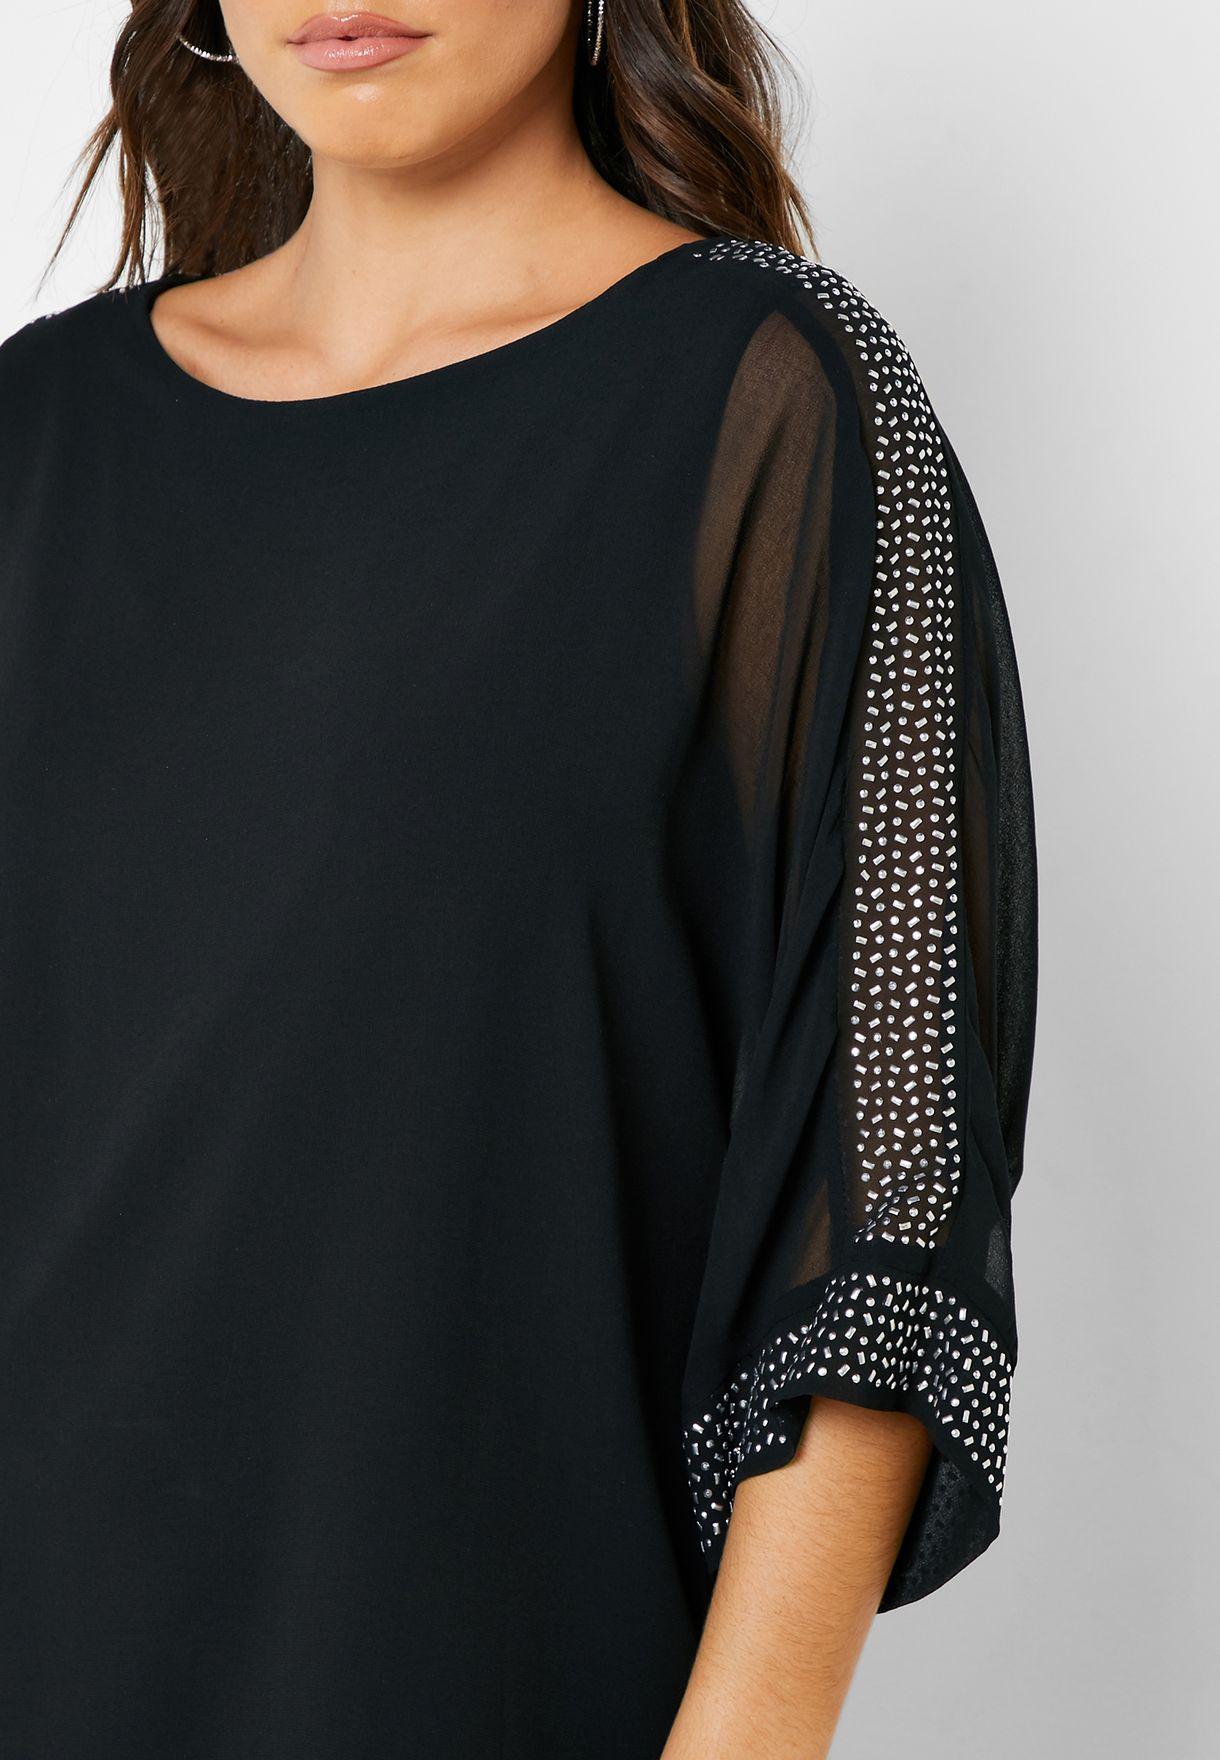 Embellished Sheer Sleeve Overlay Top